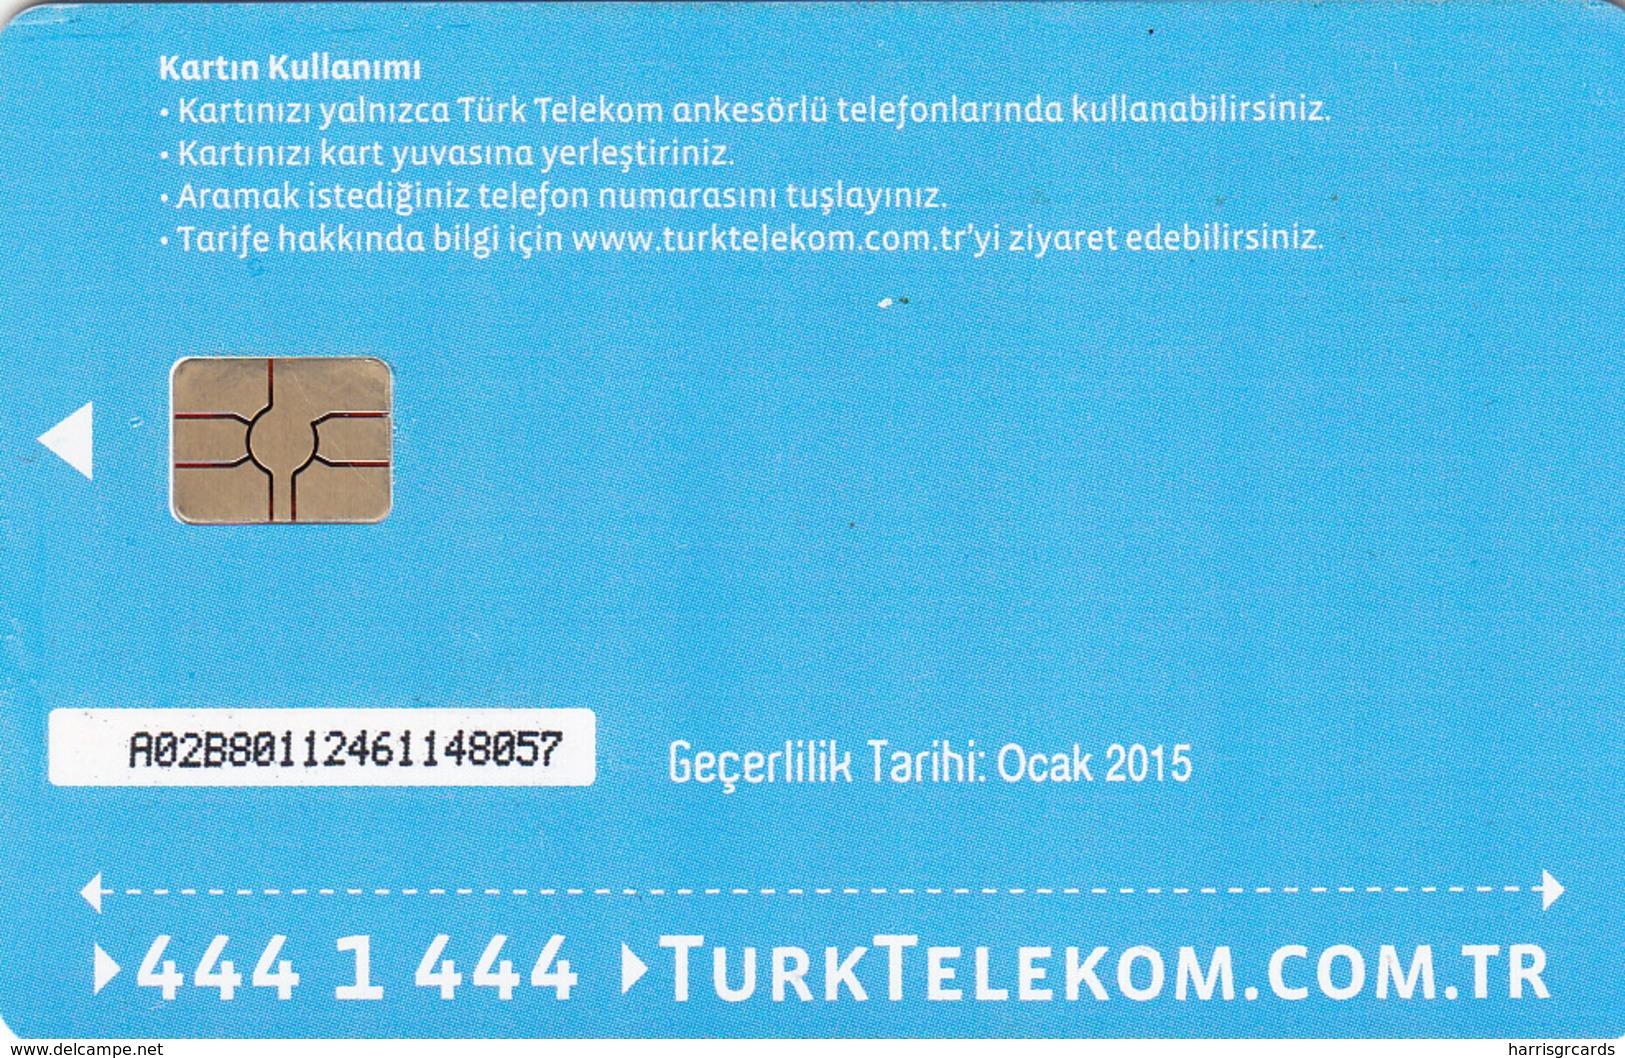 TURKEY - Tüm Aramalar İçin Arama Kartı , Ocak 2015, Gemplus - GEM5 (Red) , 4 ₤ - Turkish Lira ,08/12, Used - Turquie